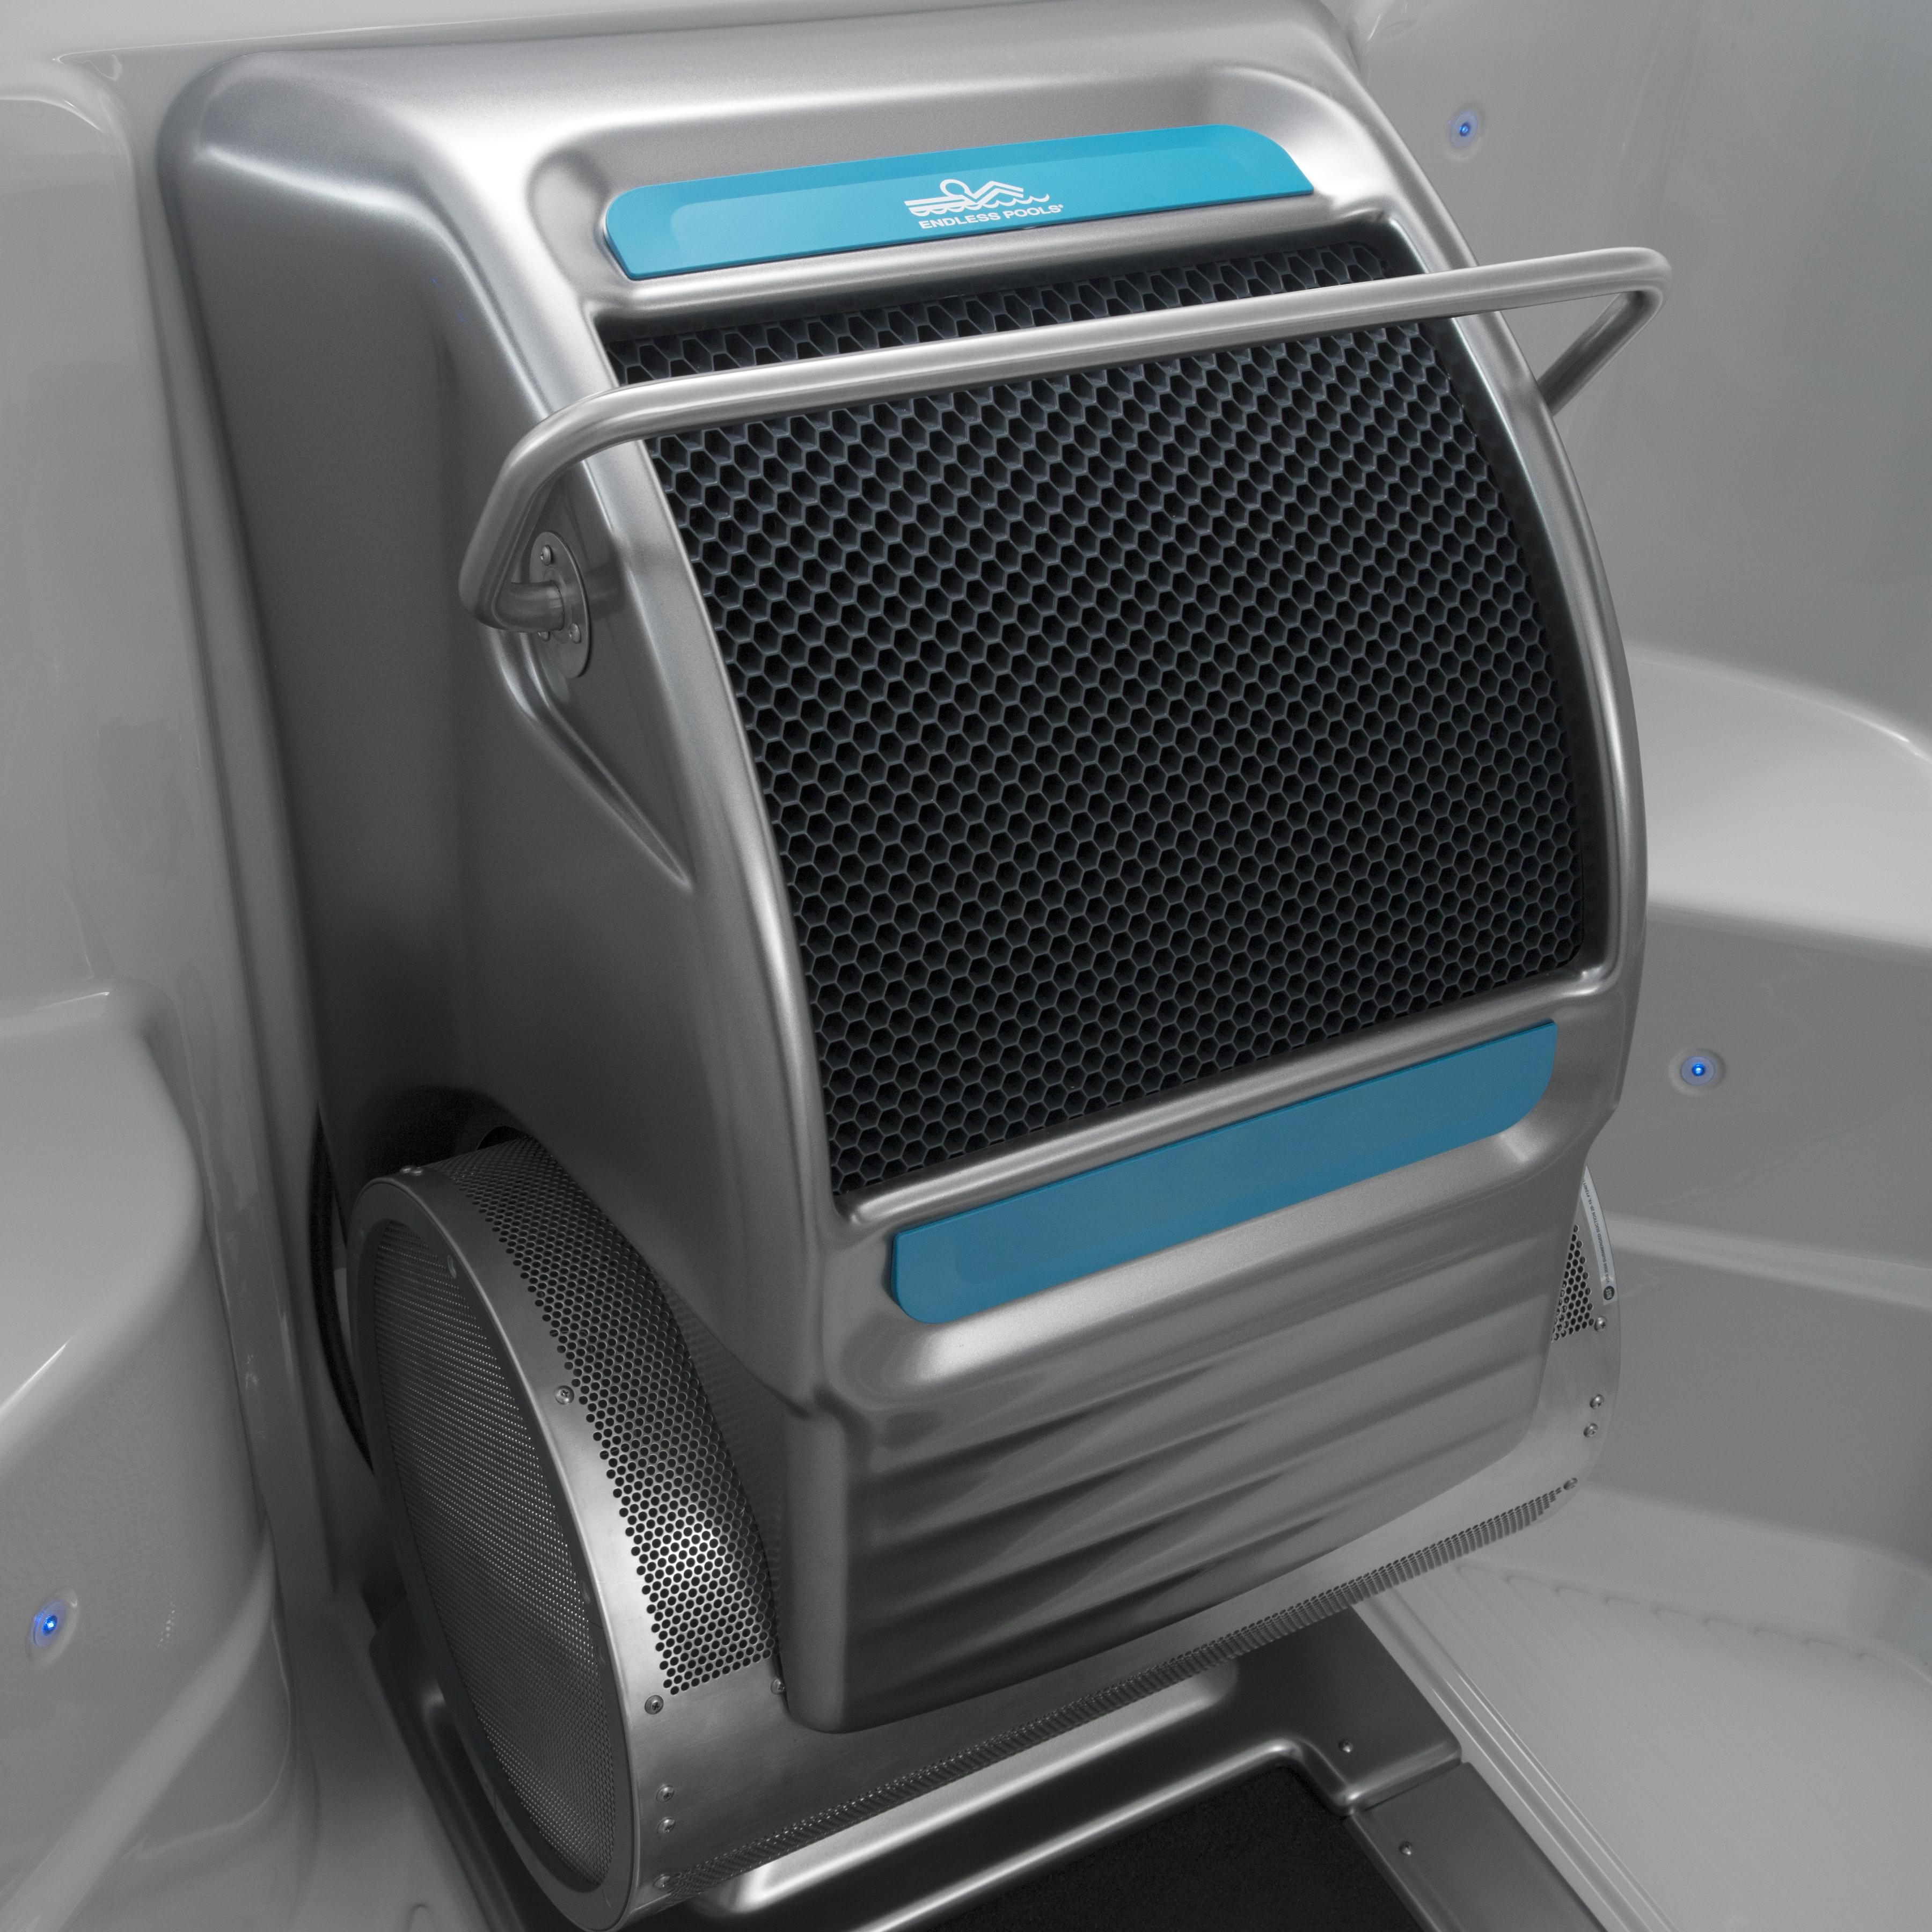 swim-machine